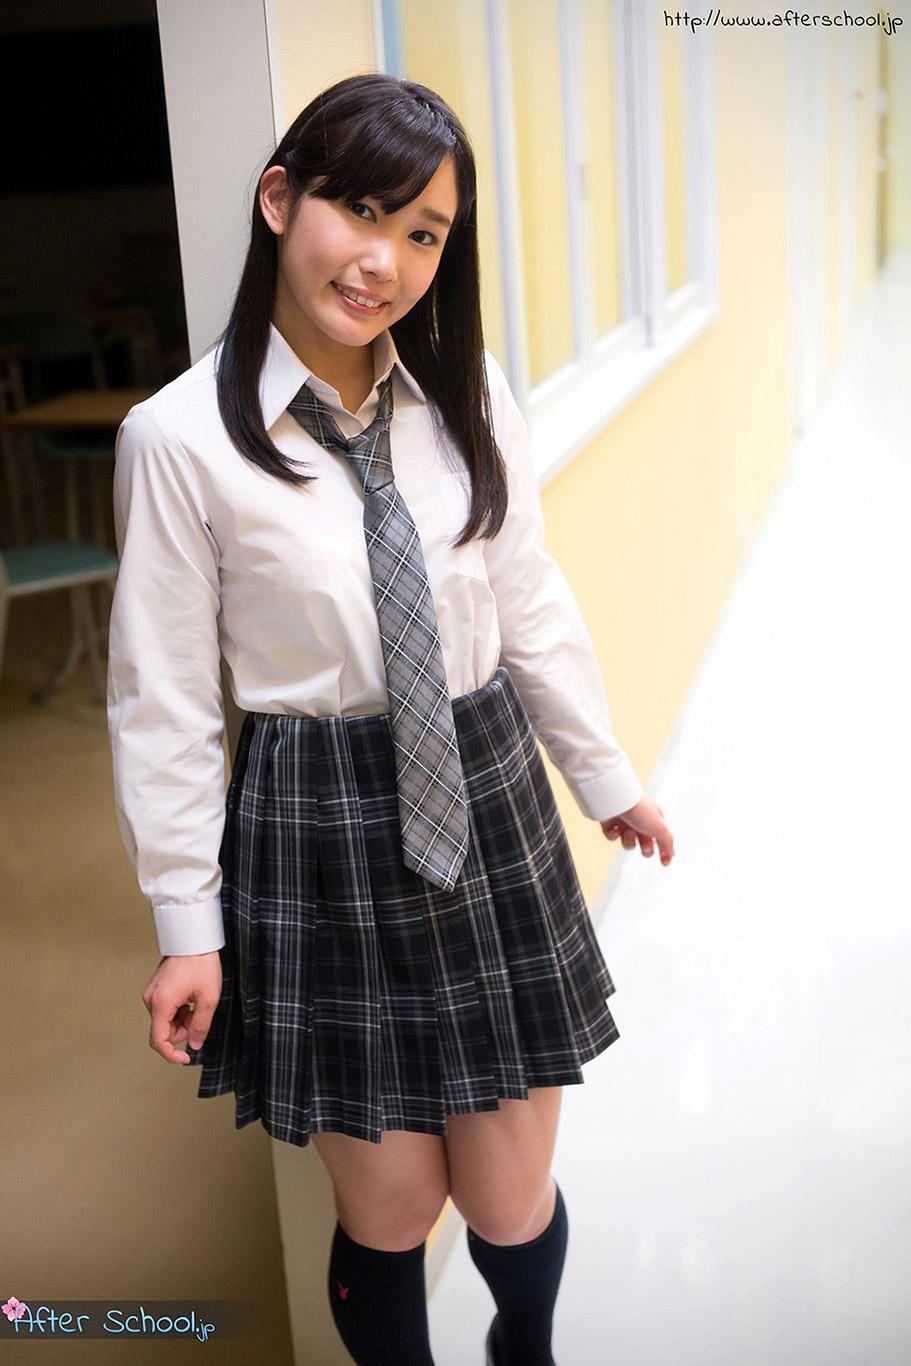 School girl sxe video-3401